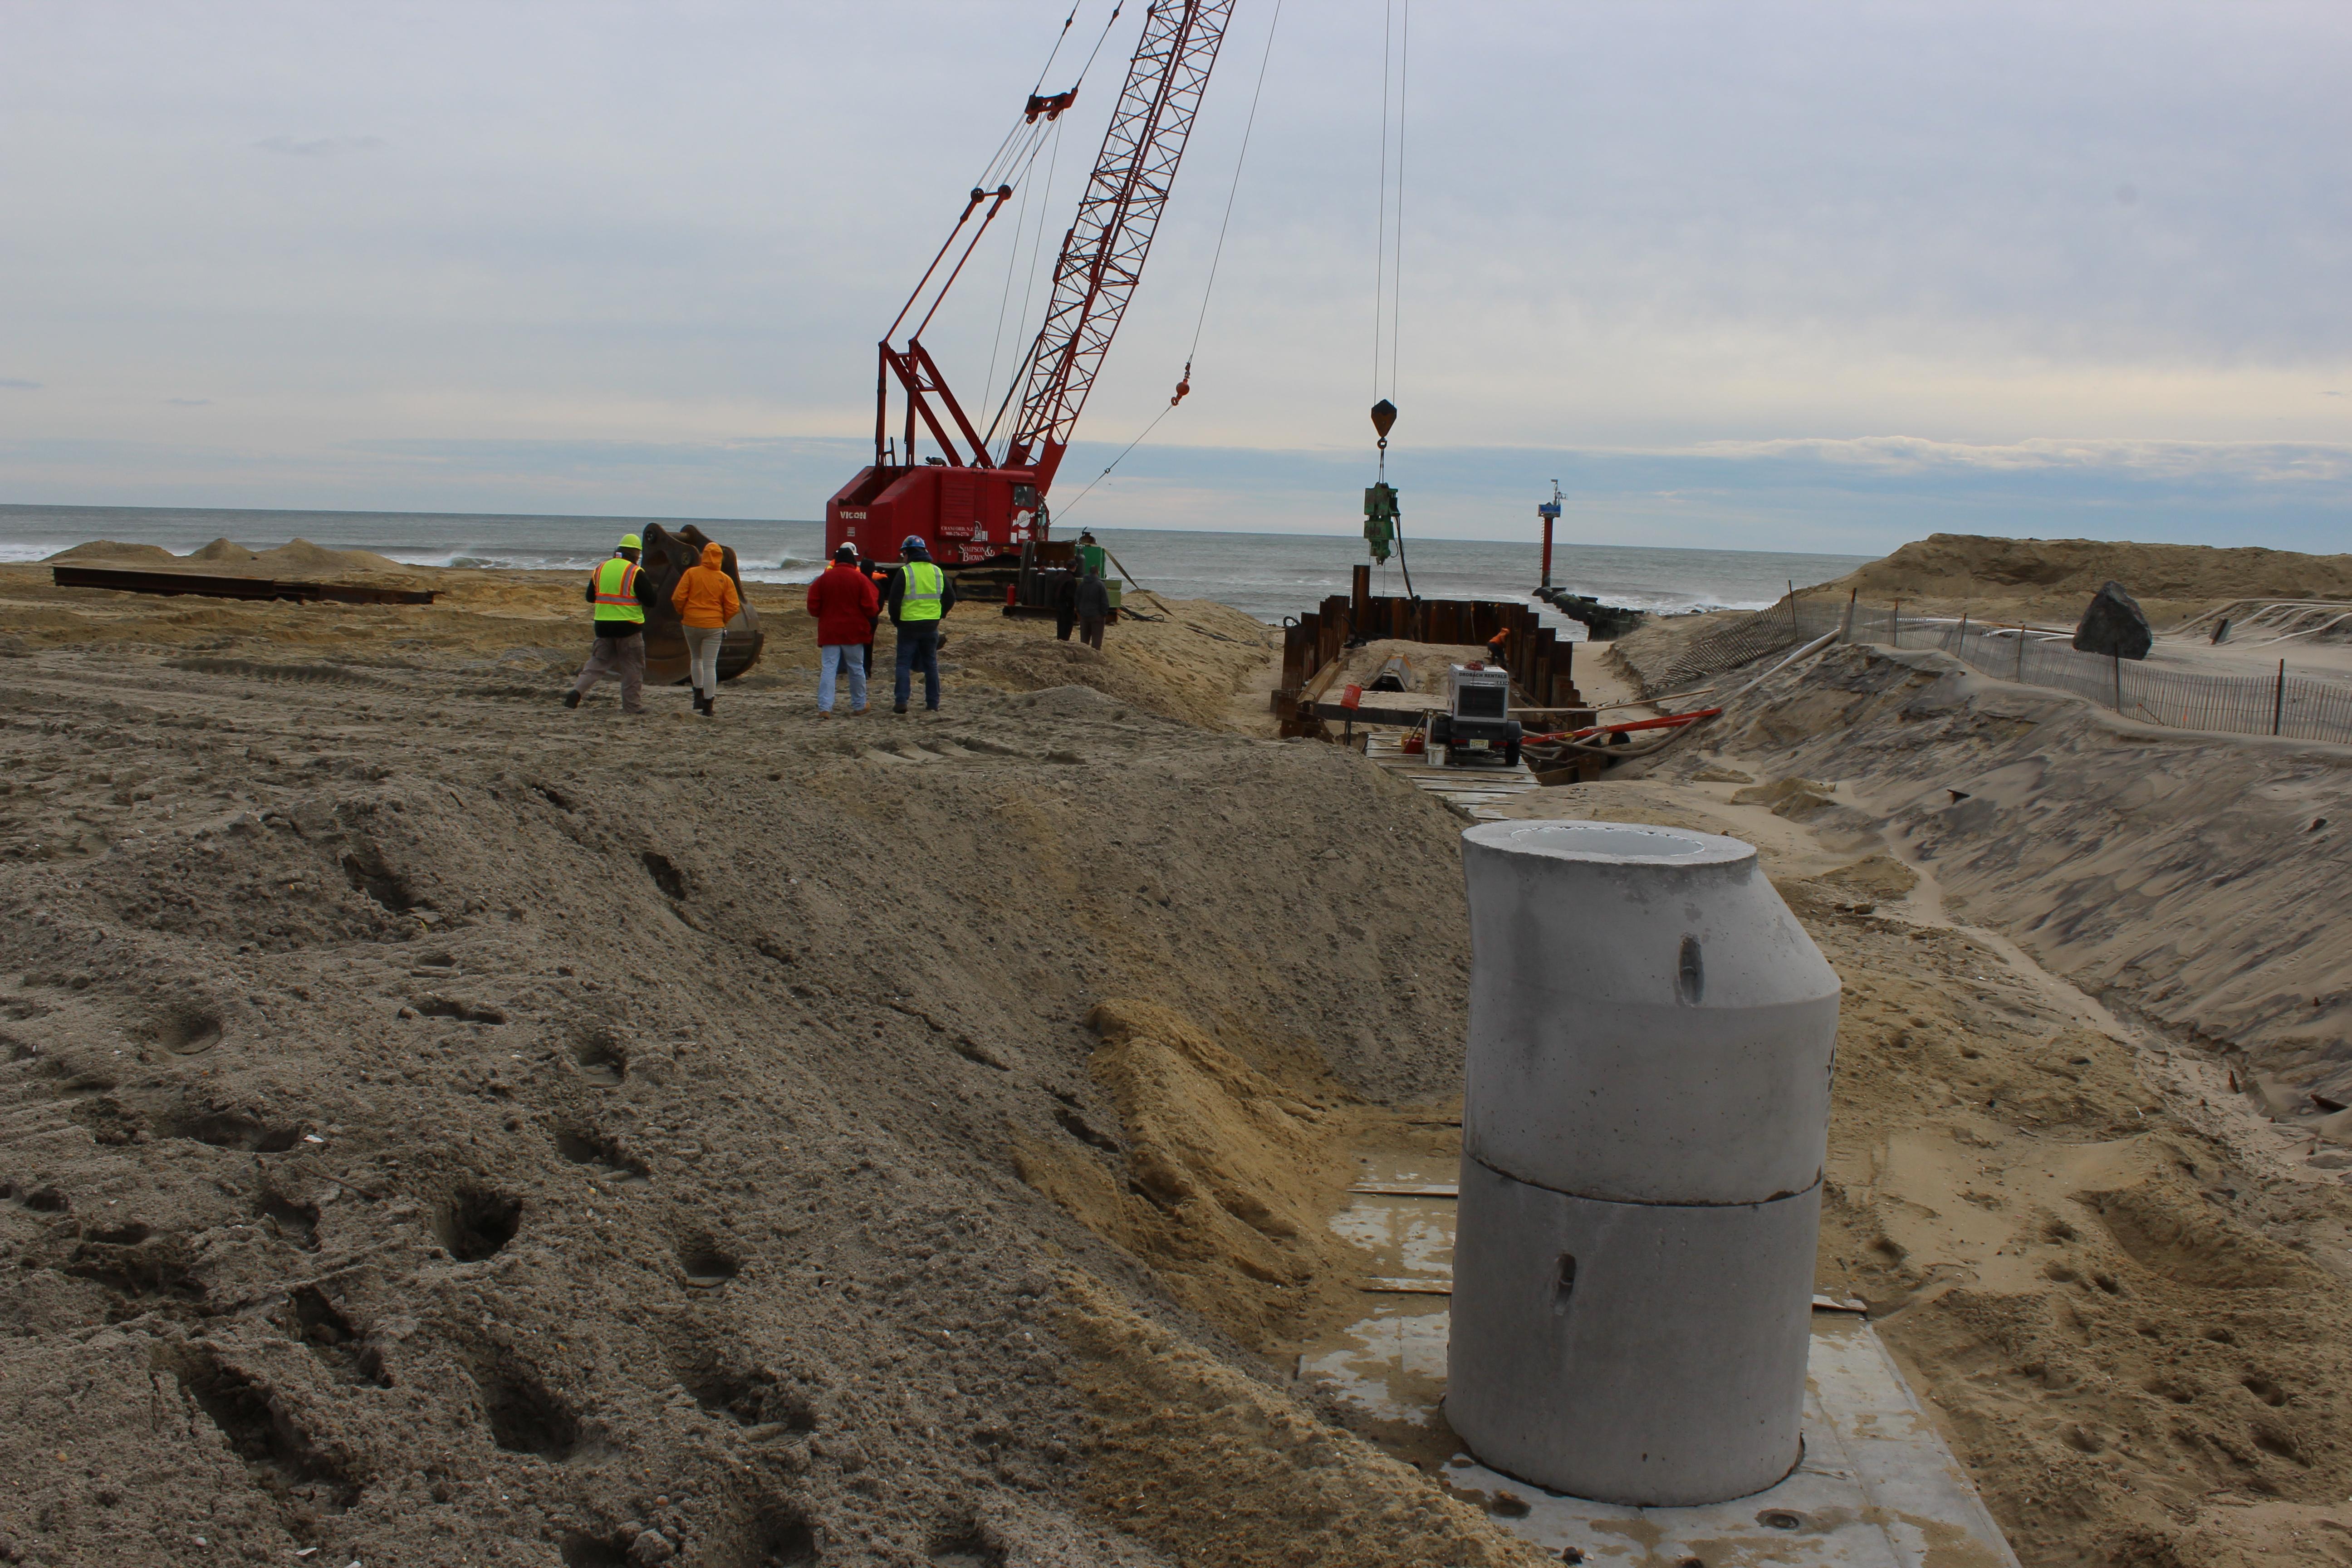 File:Dune restoration at Wreck Pond Inlet (26684441642) jpg